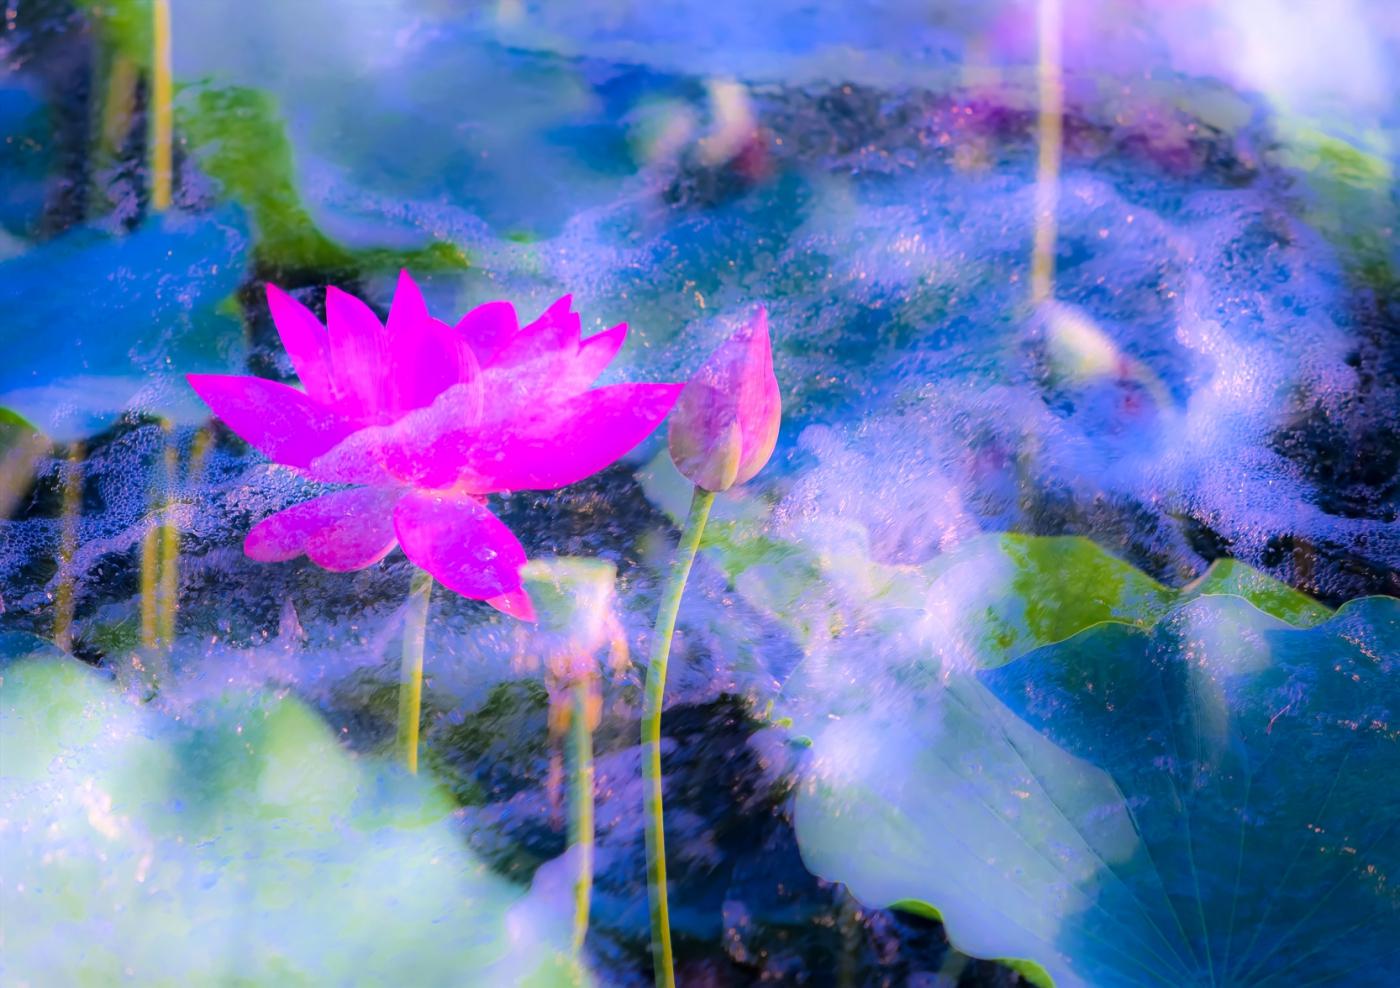 尝试用多重曝光拍摄拍摄湿地红荷_图1-1